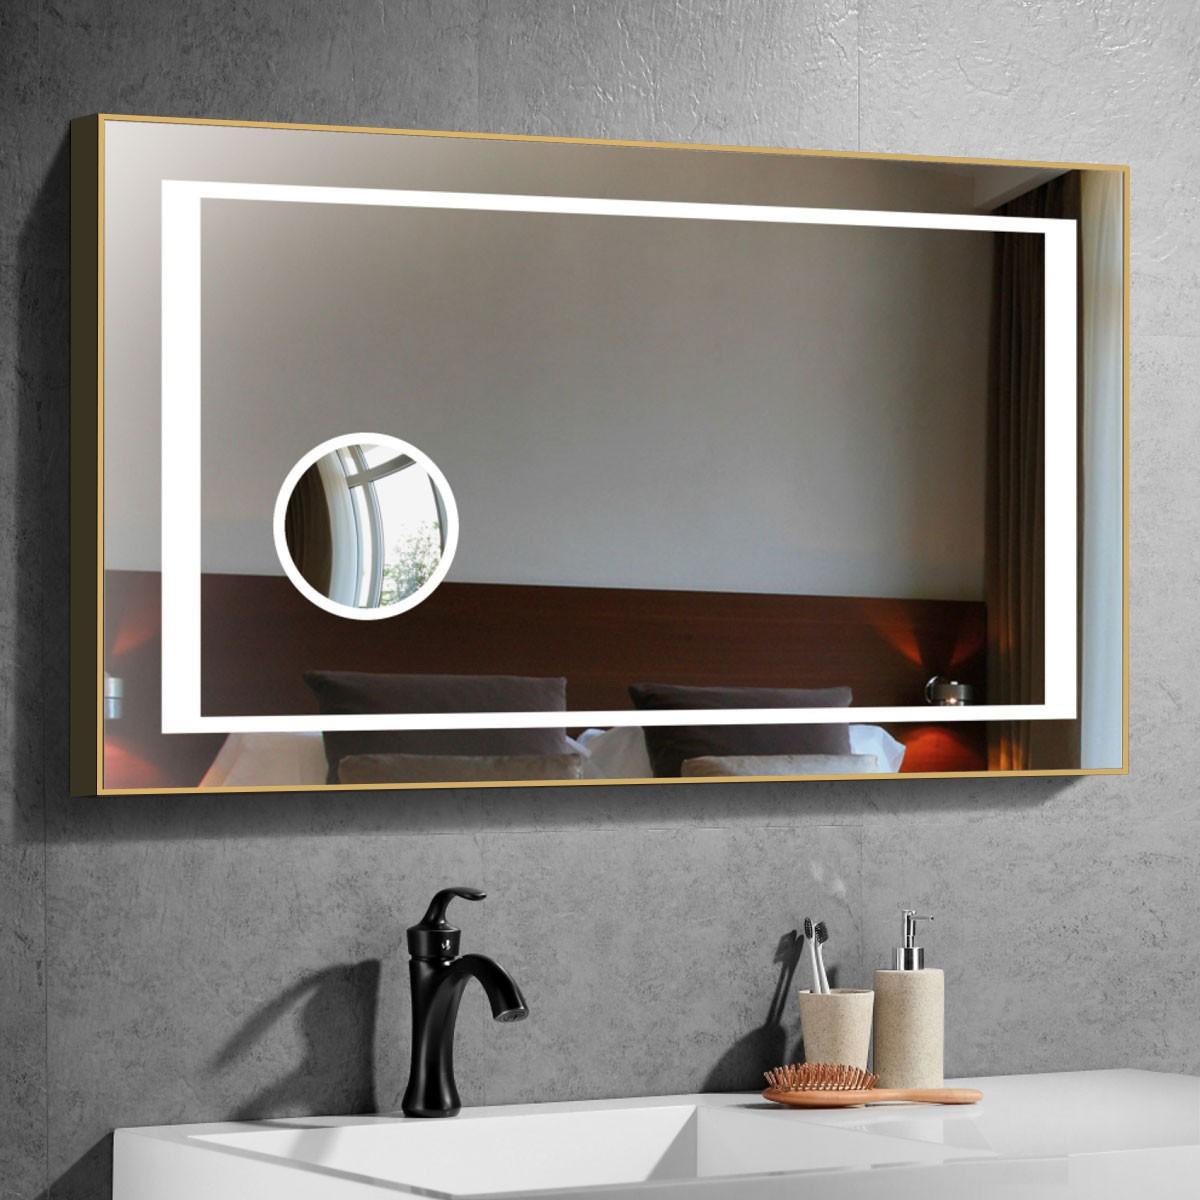 40 x 28 Po Miroir de Salle de Bain LED Horizontal avec Loupe Circulaire et Bouton Tactile (DK-CK208F)